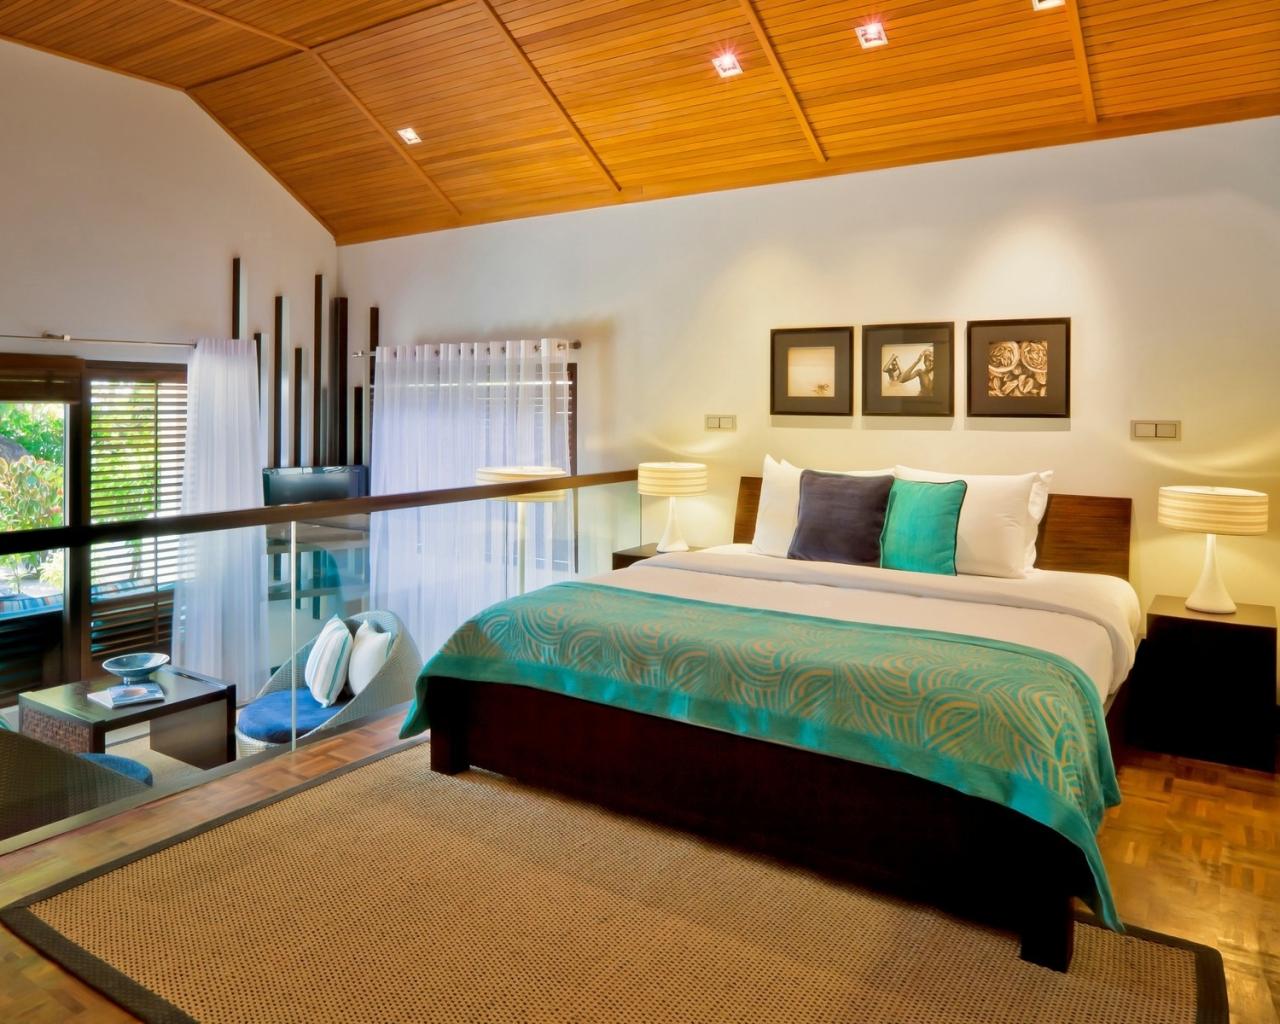 Dise o de una habitaci n hd 1280x1024 imagenes - Diseno de una habitacion ...